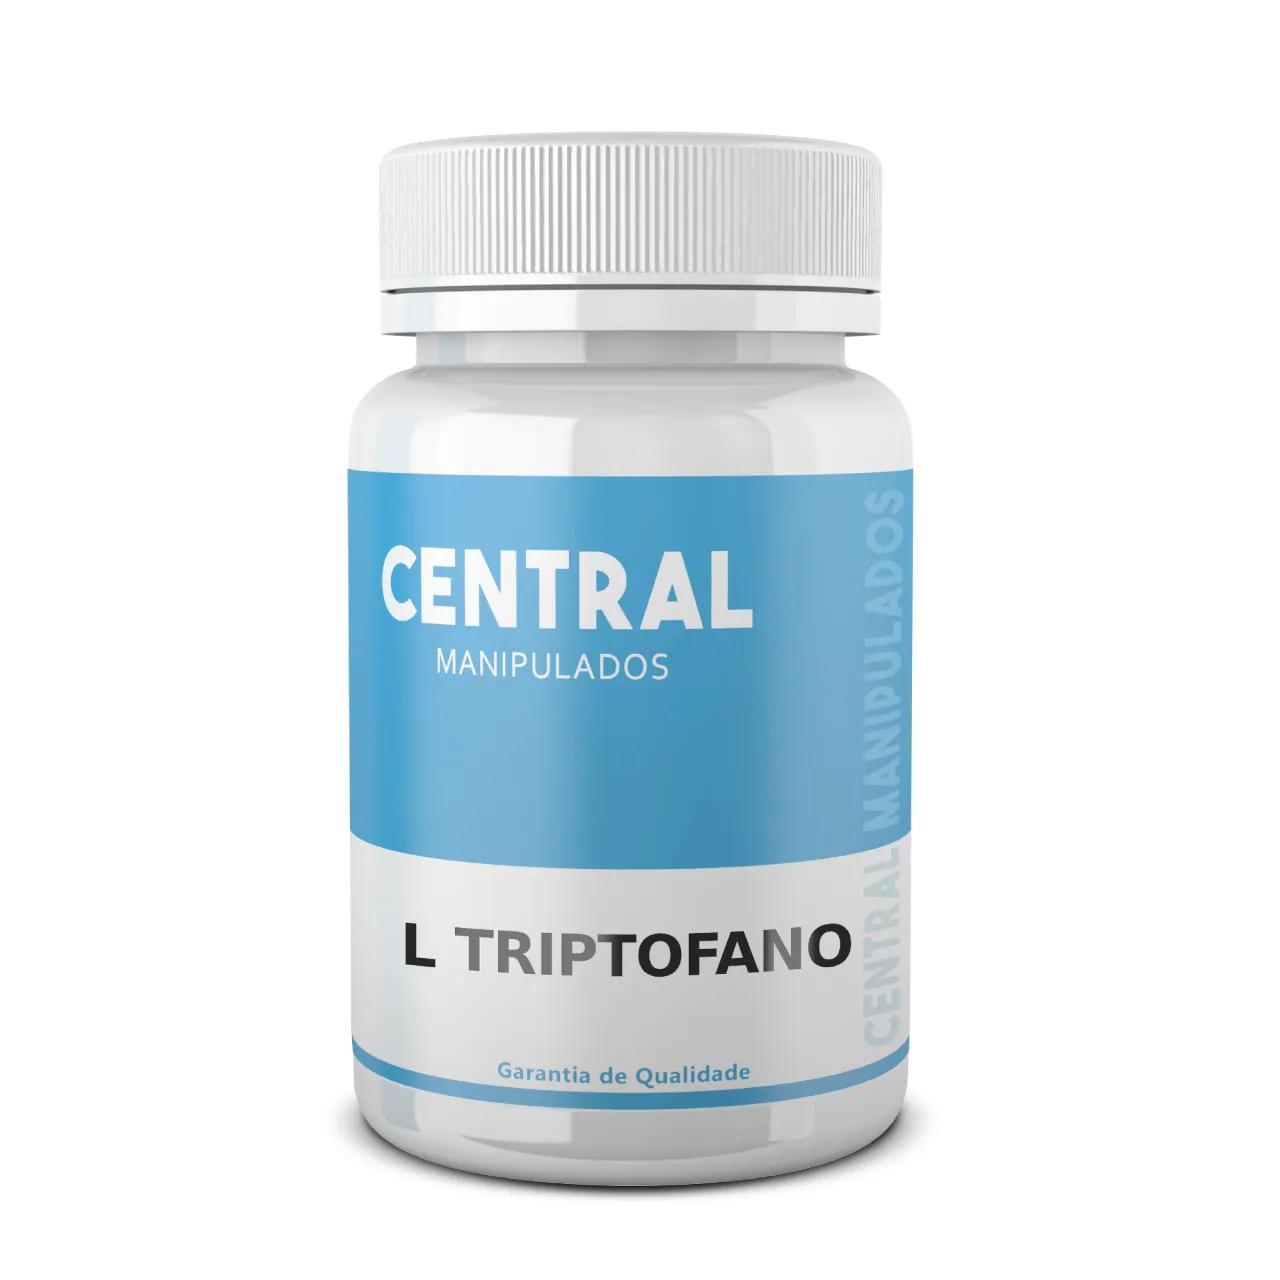 L-triptofano 500 mg - 60 cápsulas - Suplemento para Stress, sono e depresão